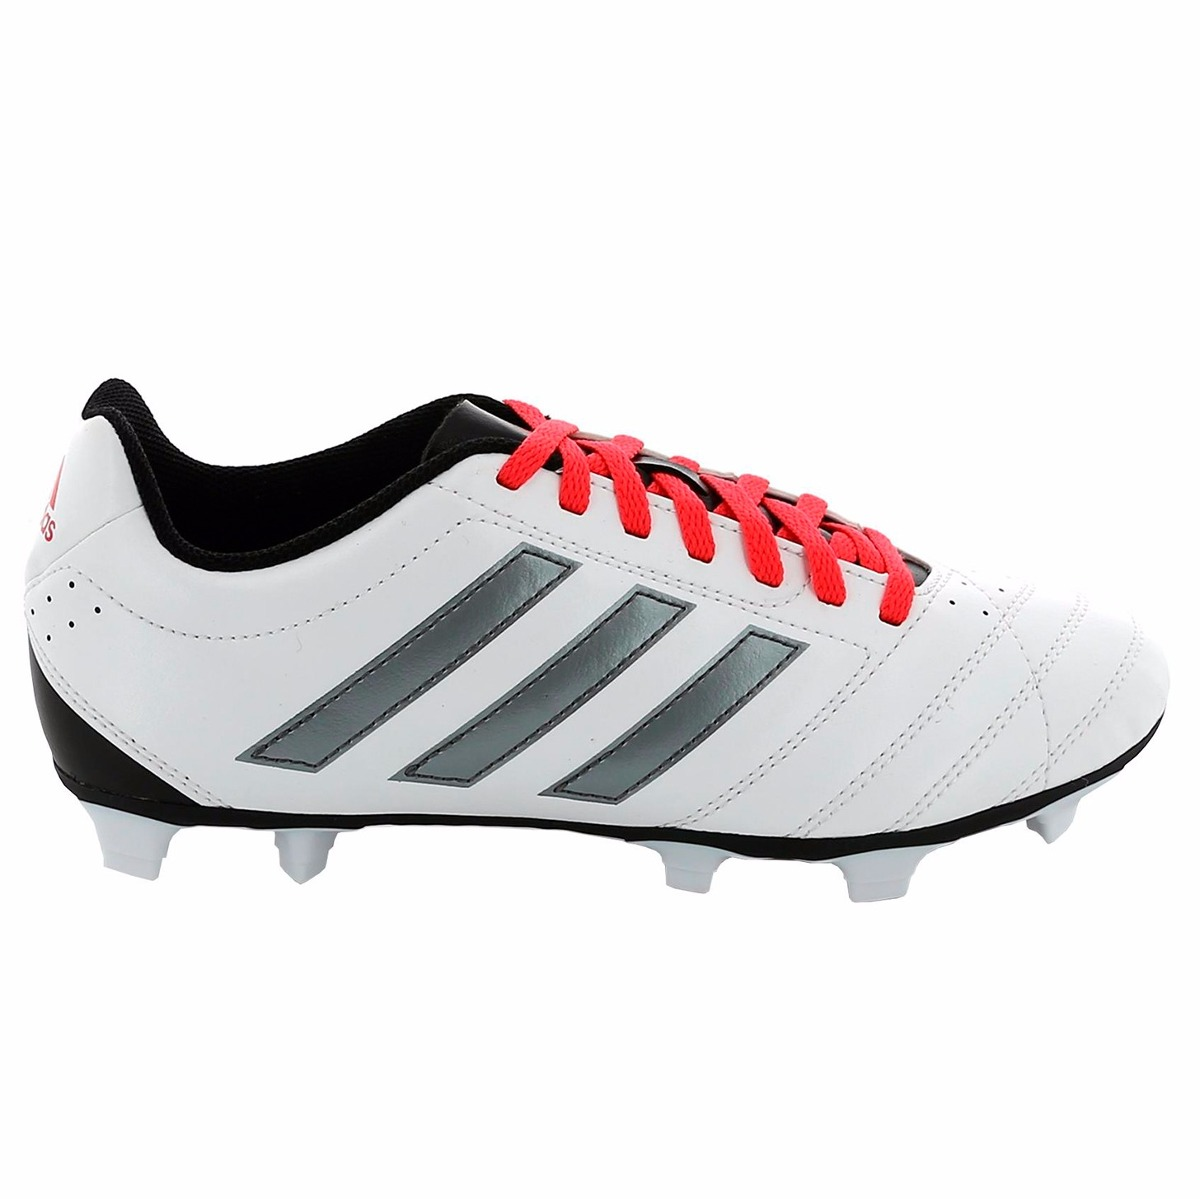 Goletto Zapatos Futbol Soccer Wzqtonwxfx Adidas V Fg Juveniles Af4982 zfqdzg